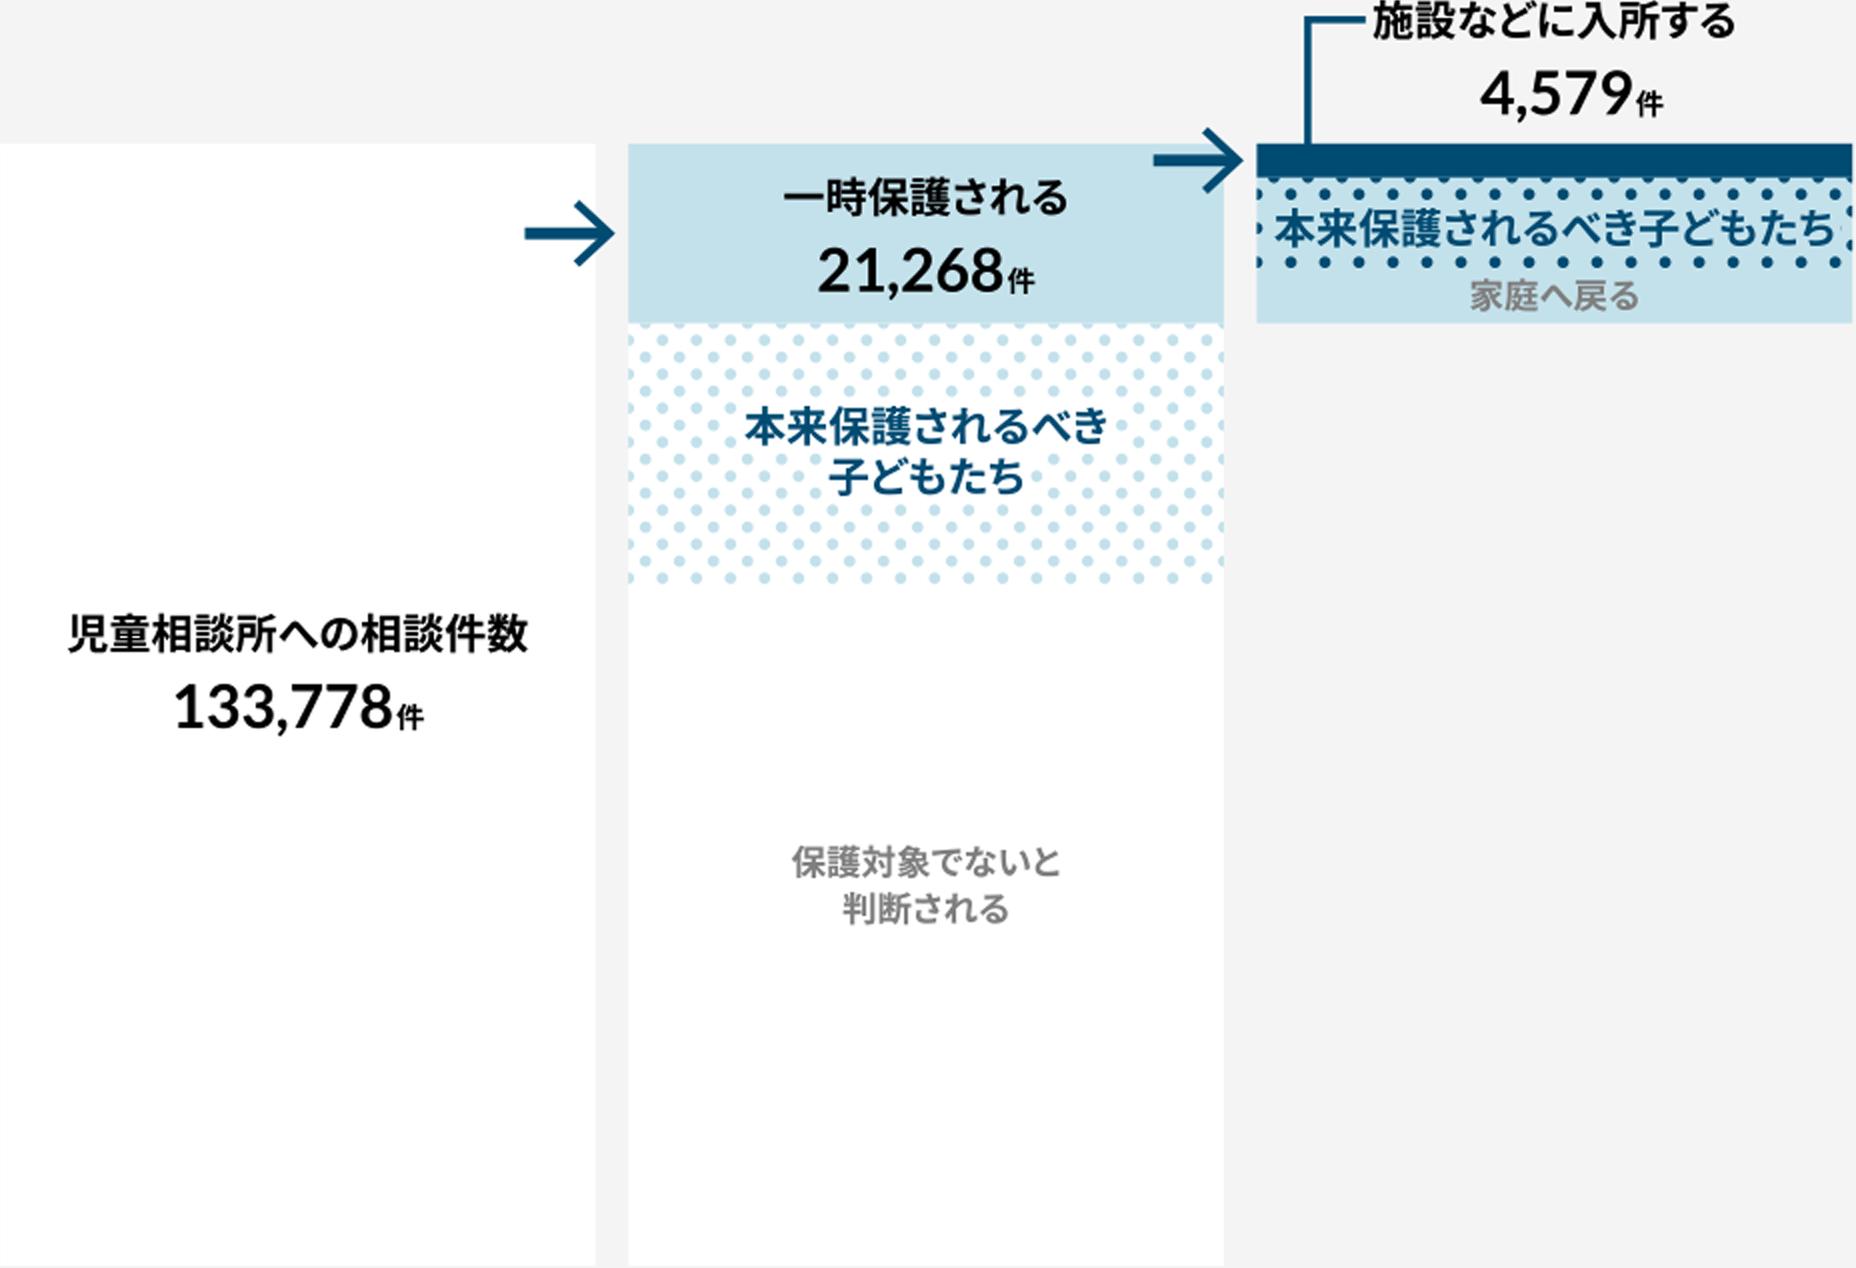 児童相談所への相談件数133,778件→一時保護される21,268件→施設などに入所する4,579件